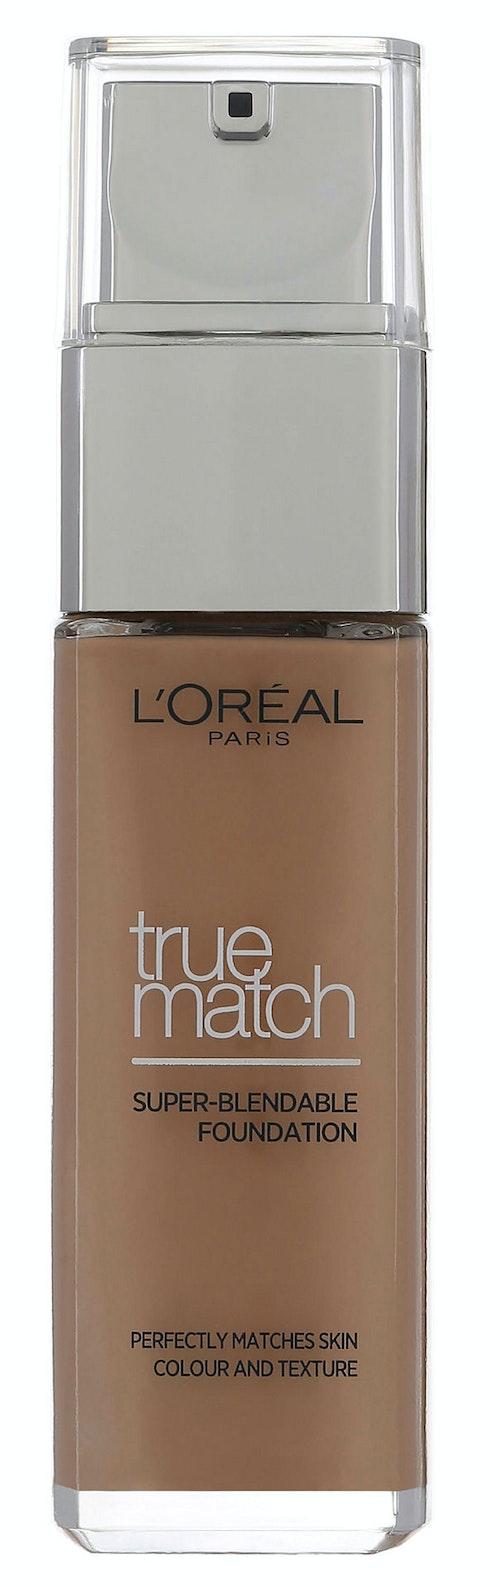 L'Oreal True Match Sand 5N Foundation 1 stk